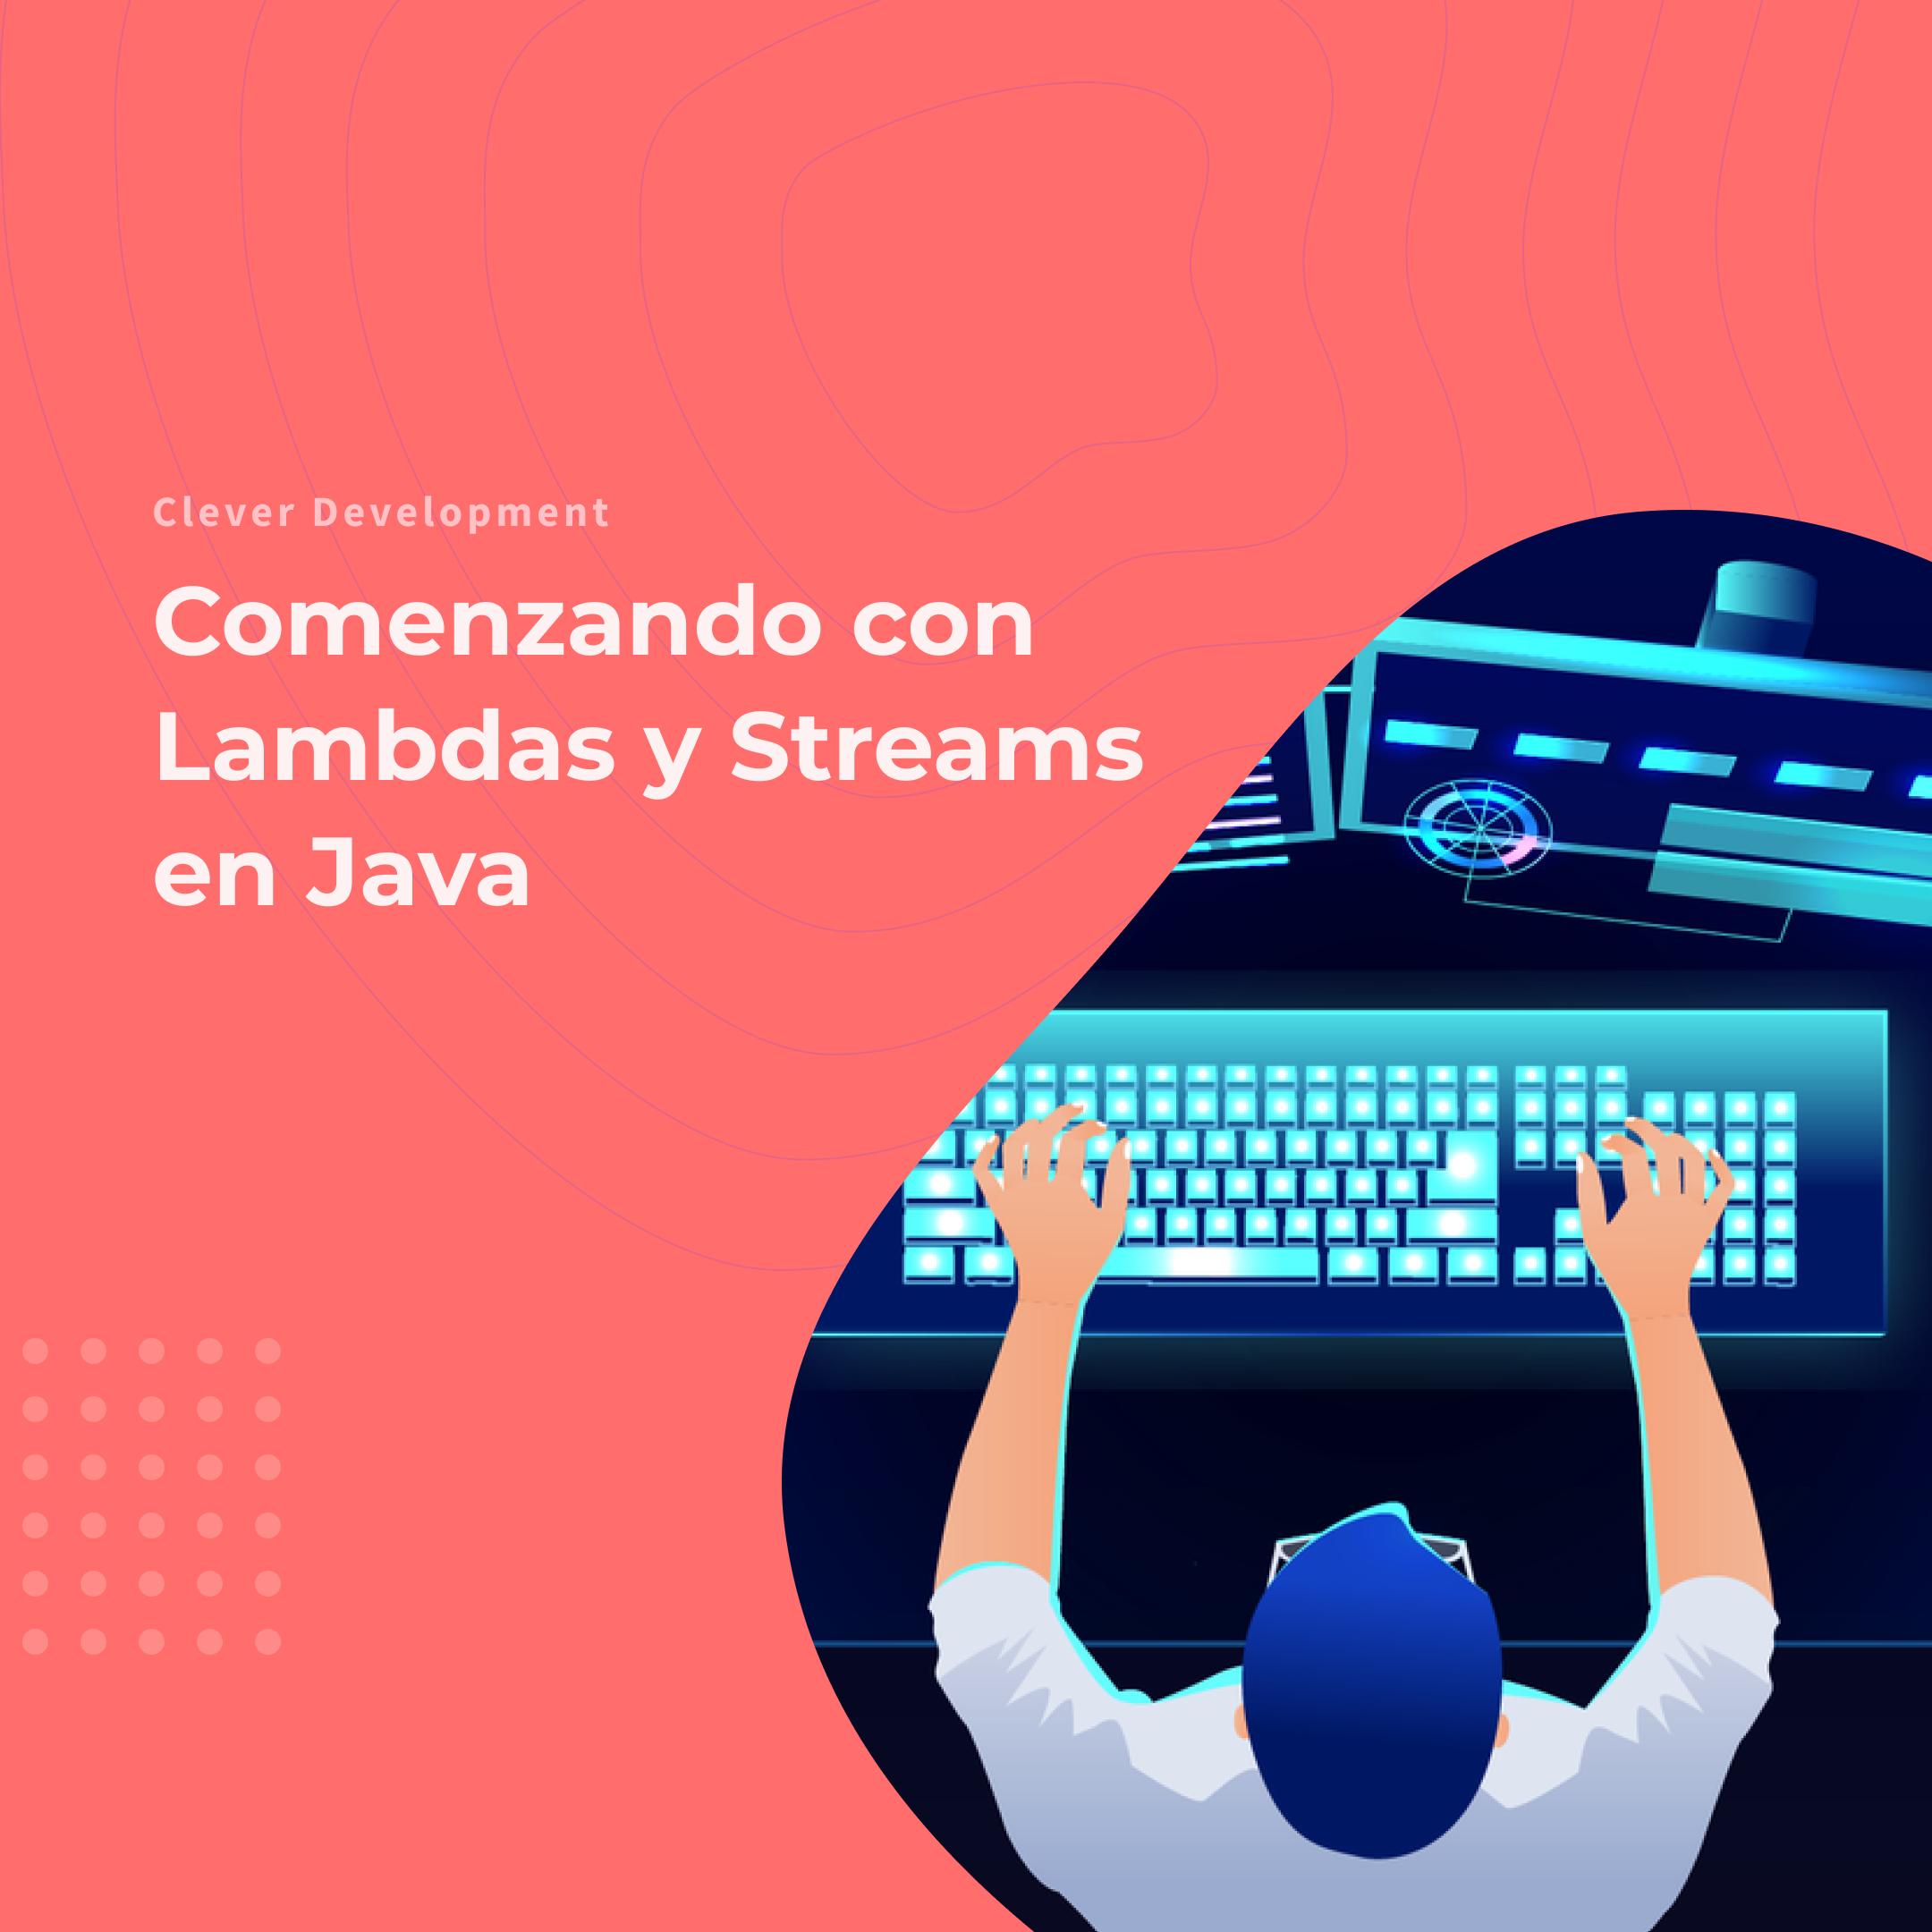 Comenzando con Lambdas y Streams en Java